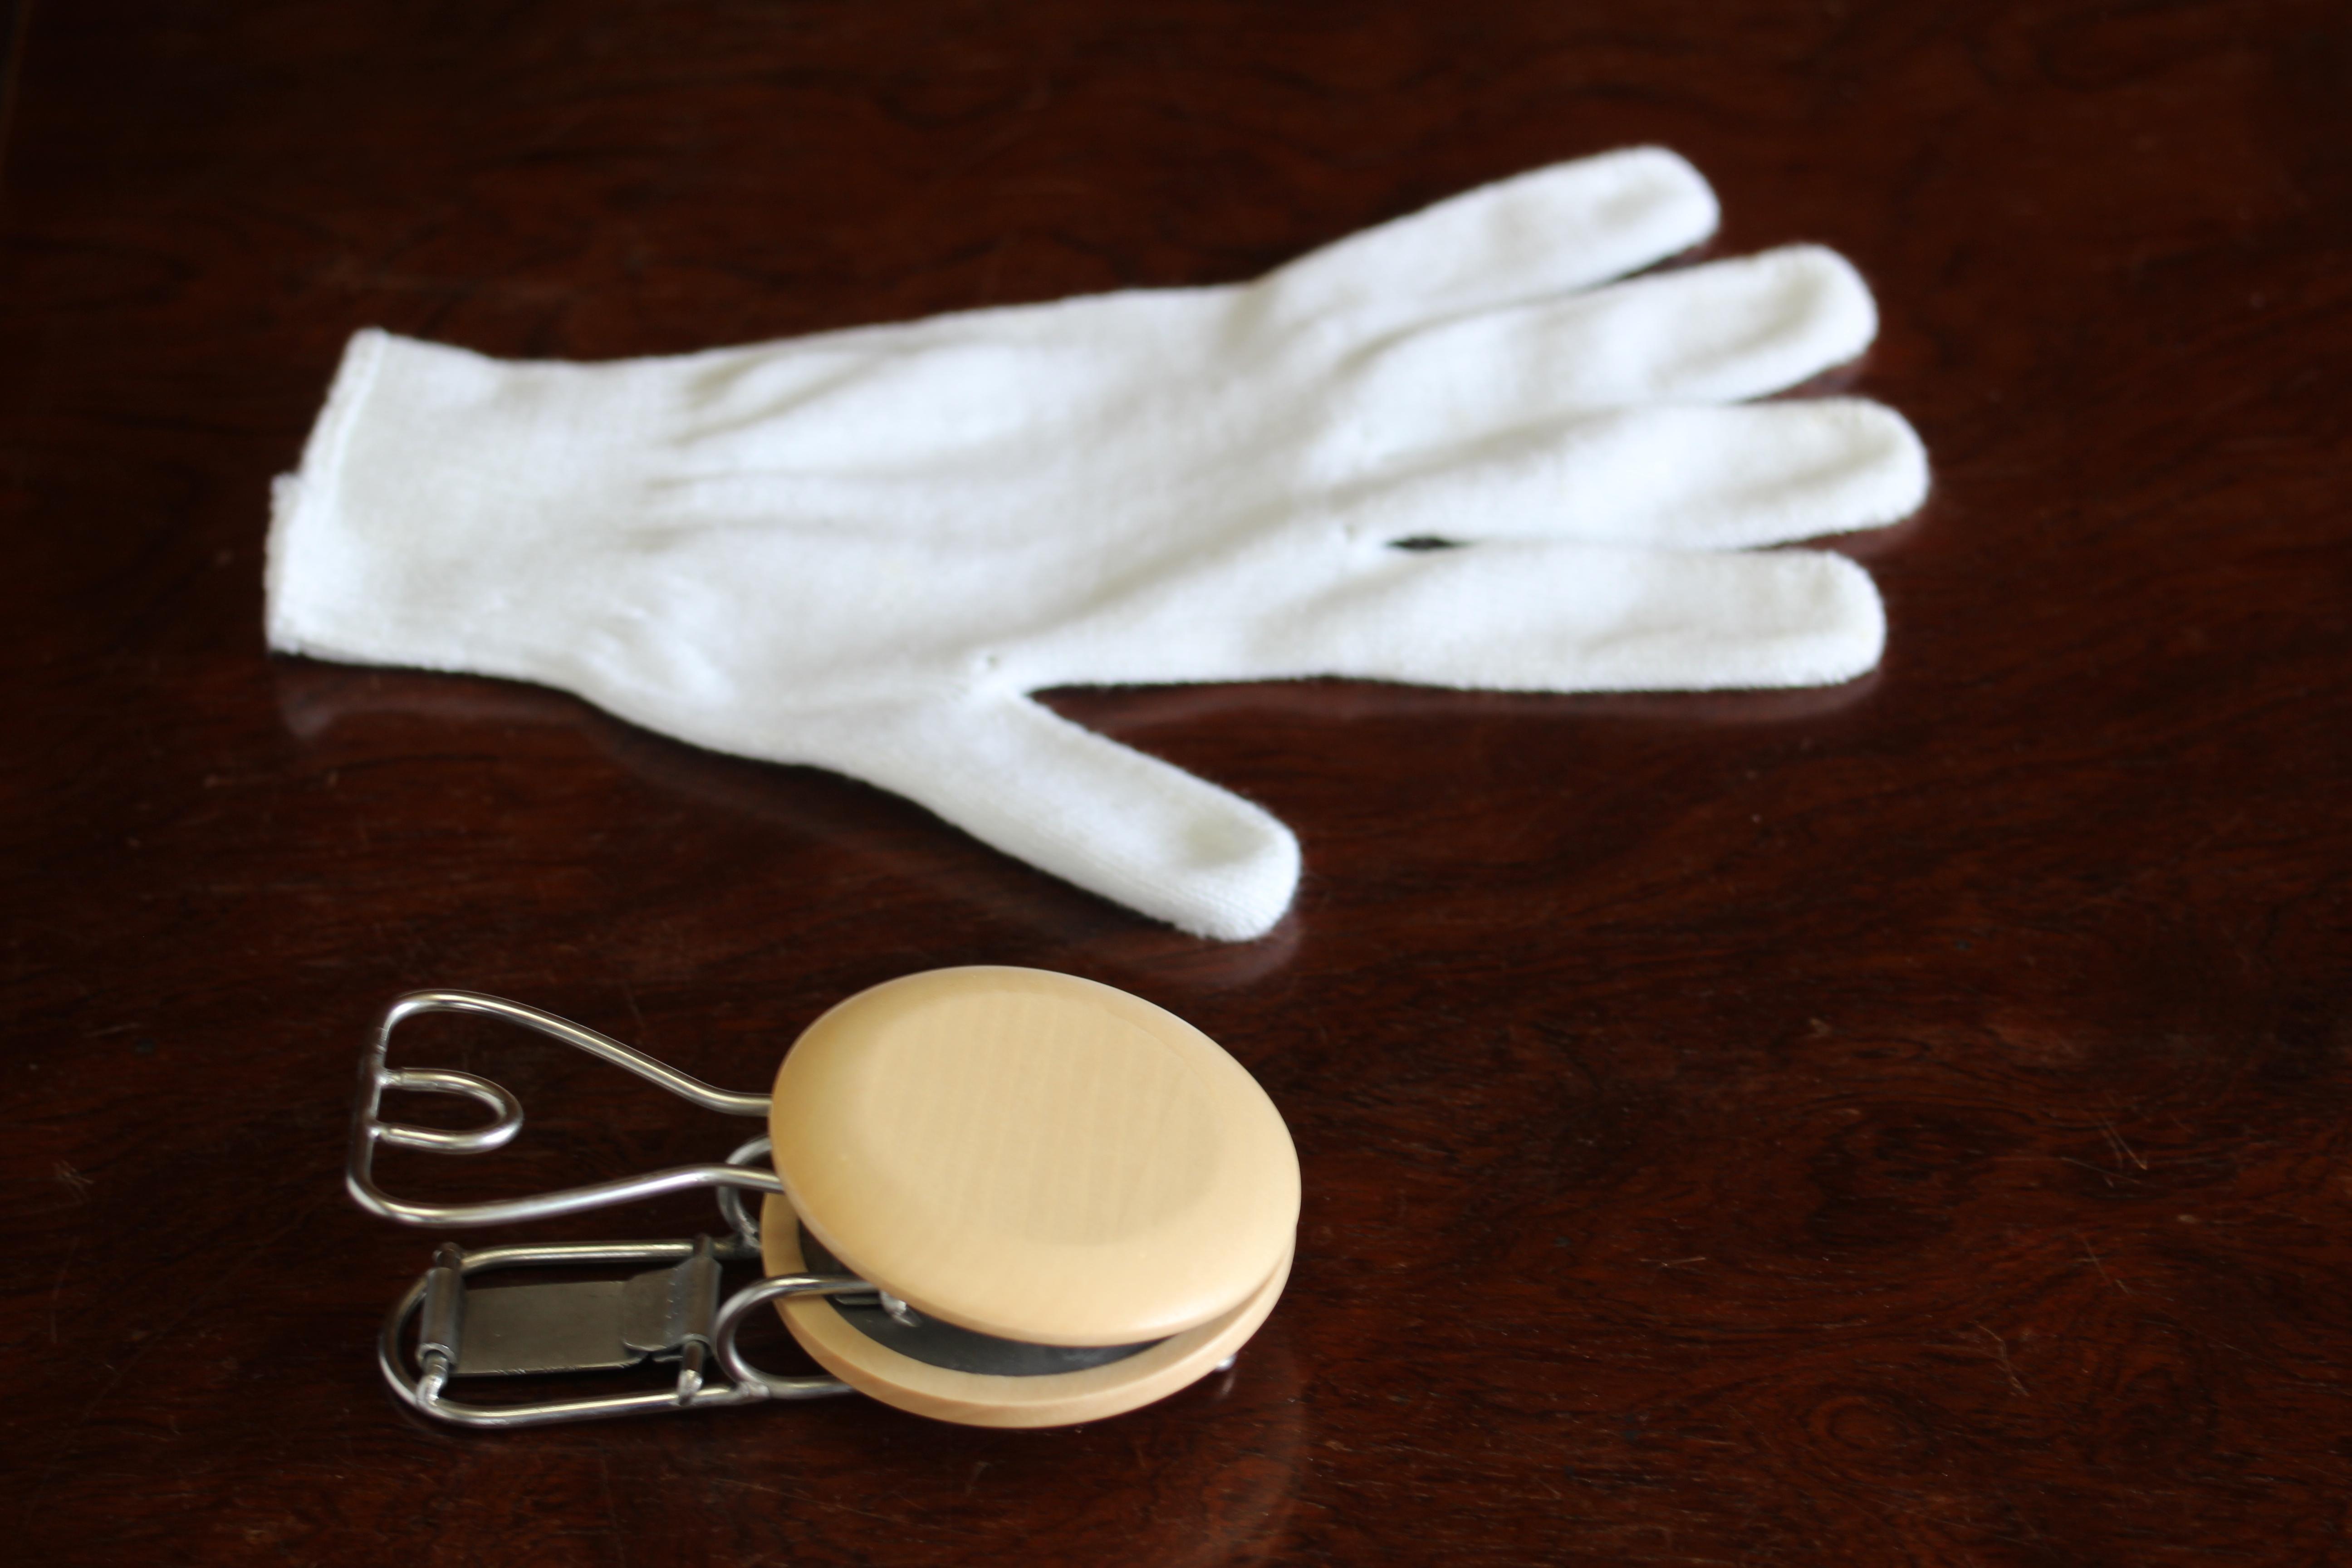 片手で手袋がつけられます。